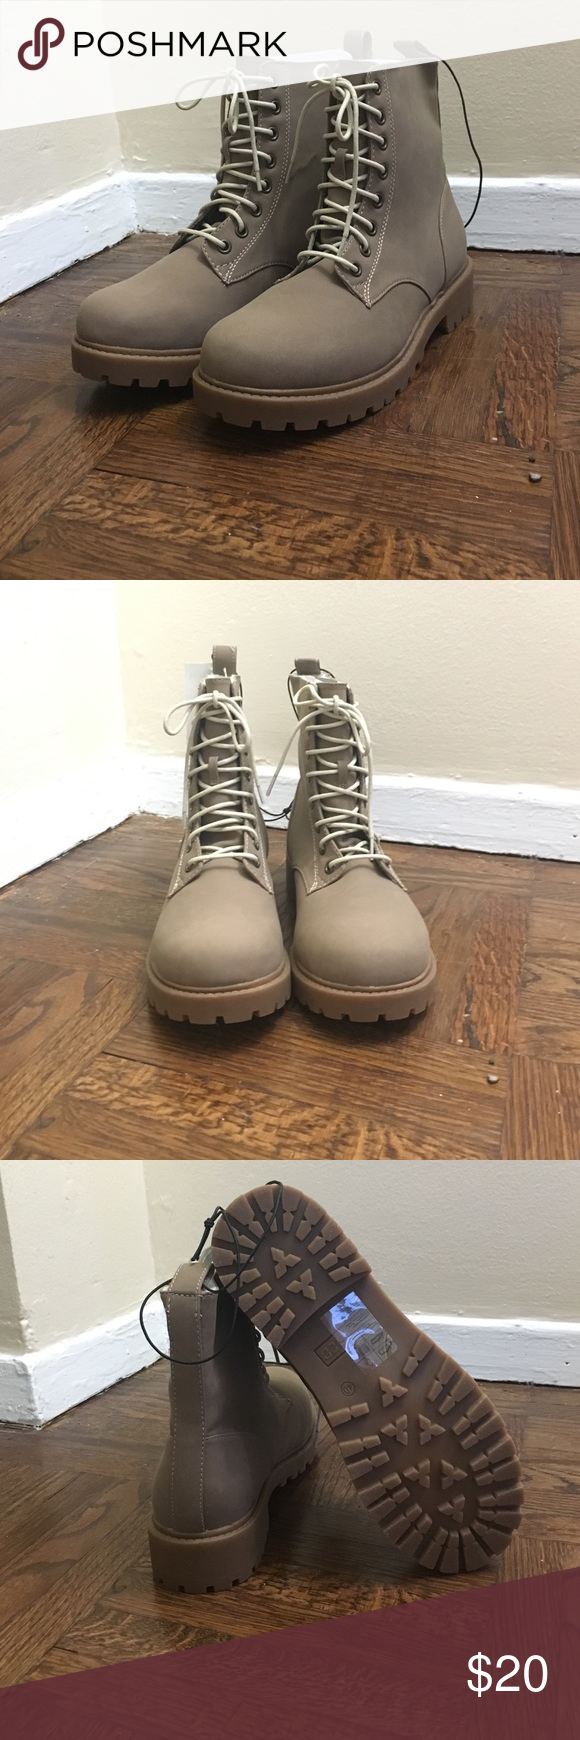 H&M women boots size 8.5 Tan boots H&M Shoes Winter & Rain Boots